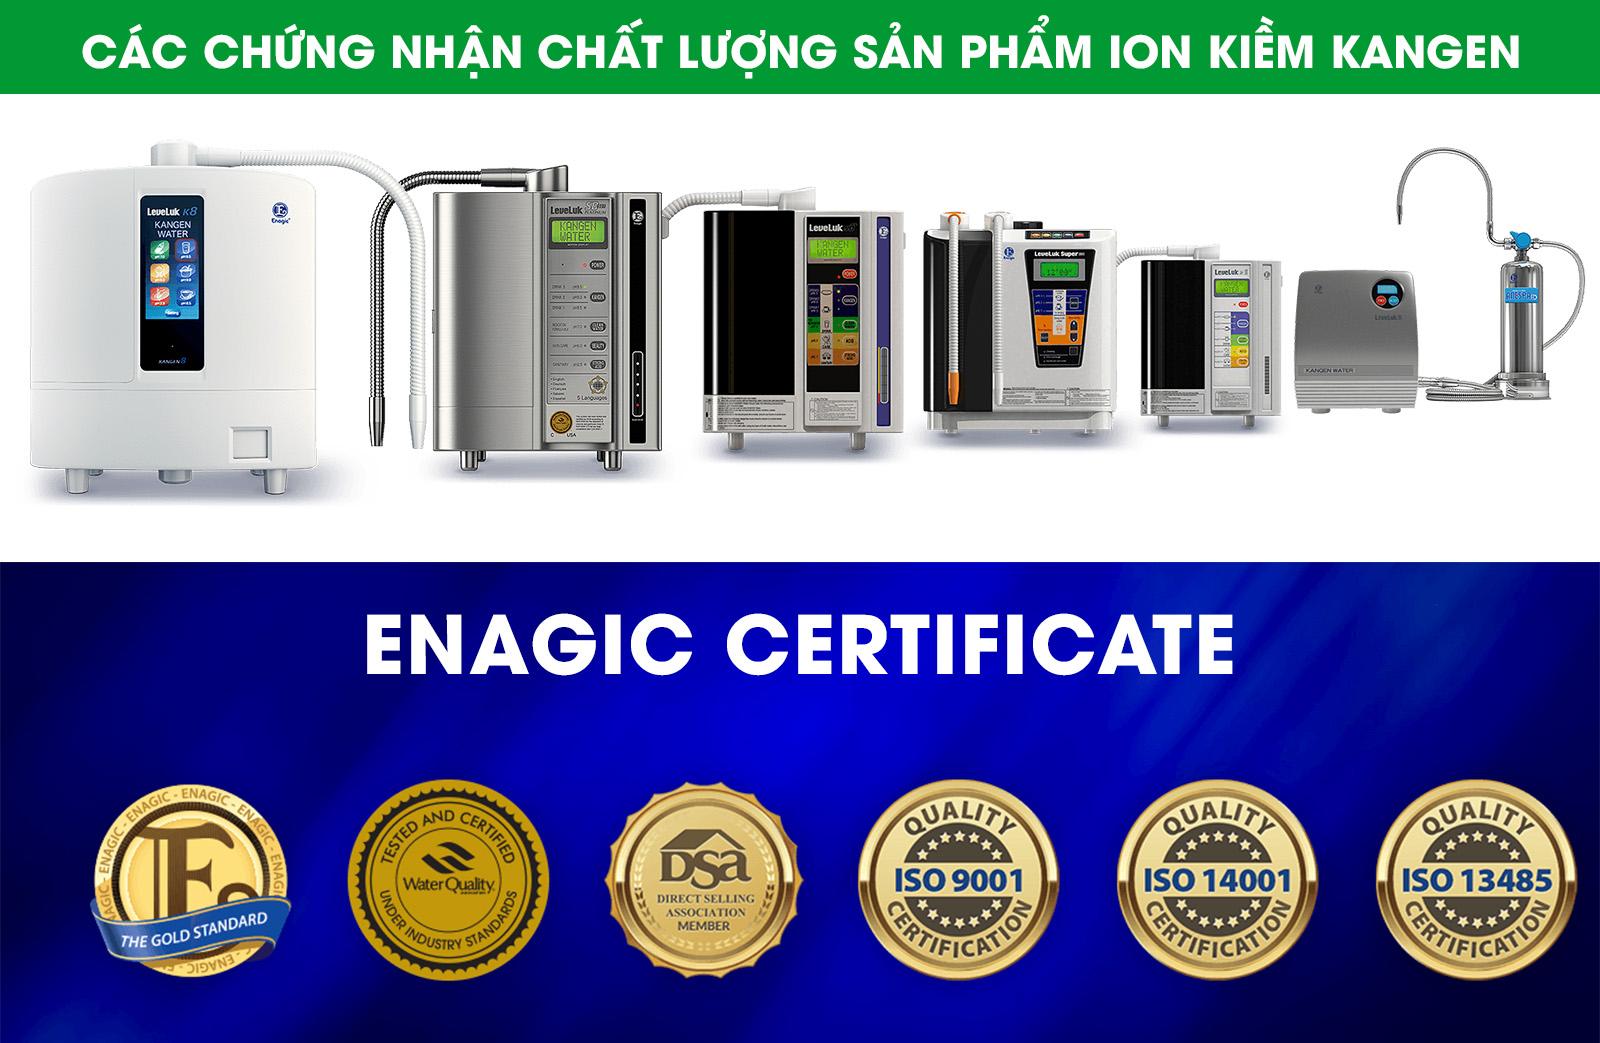 Chứng nhận máy điện giải Kangen